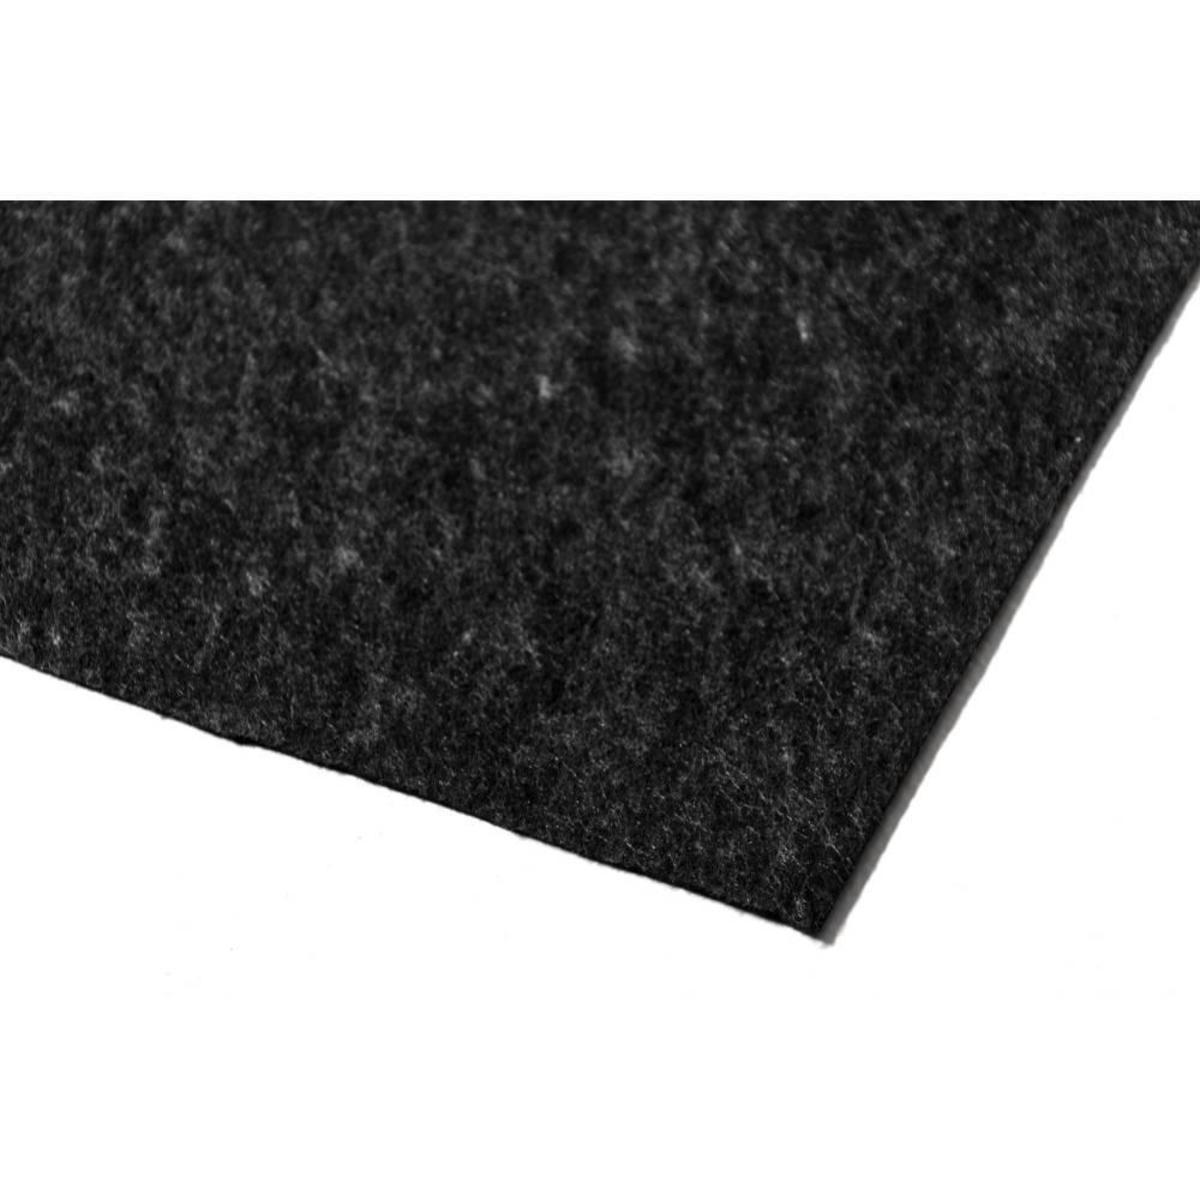 Bild 1 von acerto® Reißfestes Unkrautvlies - 1,15m x 5m, 200 g/m²